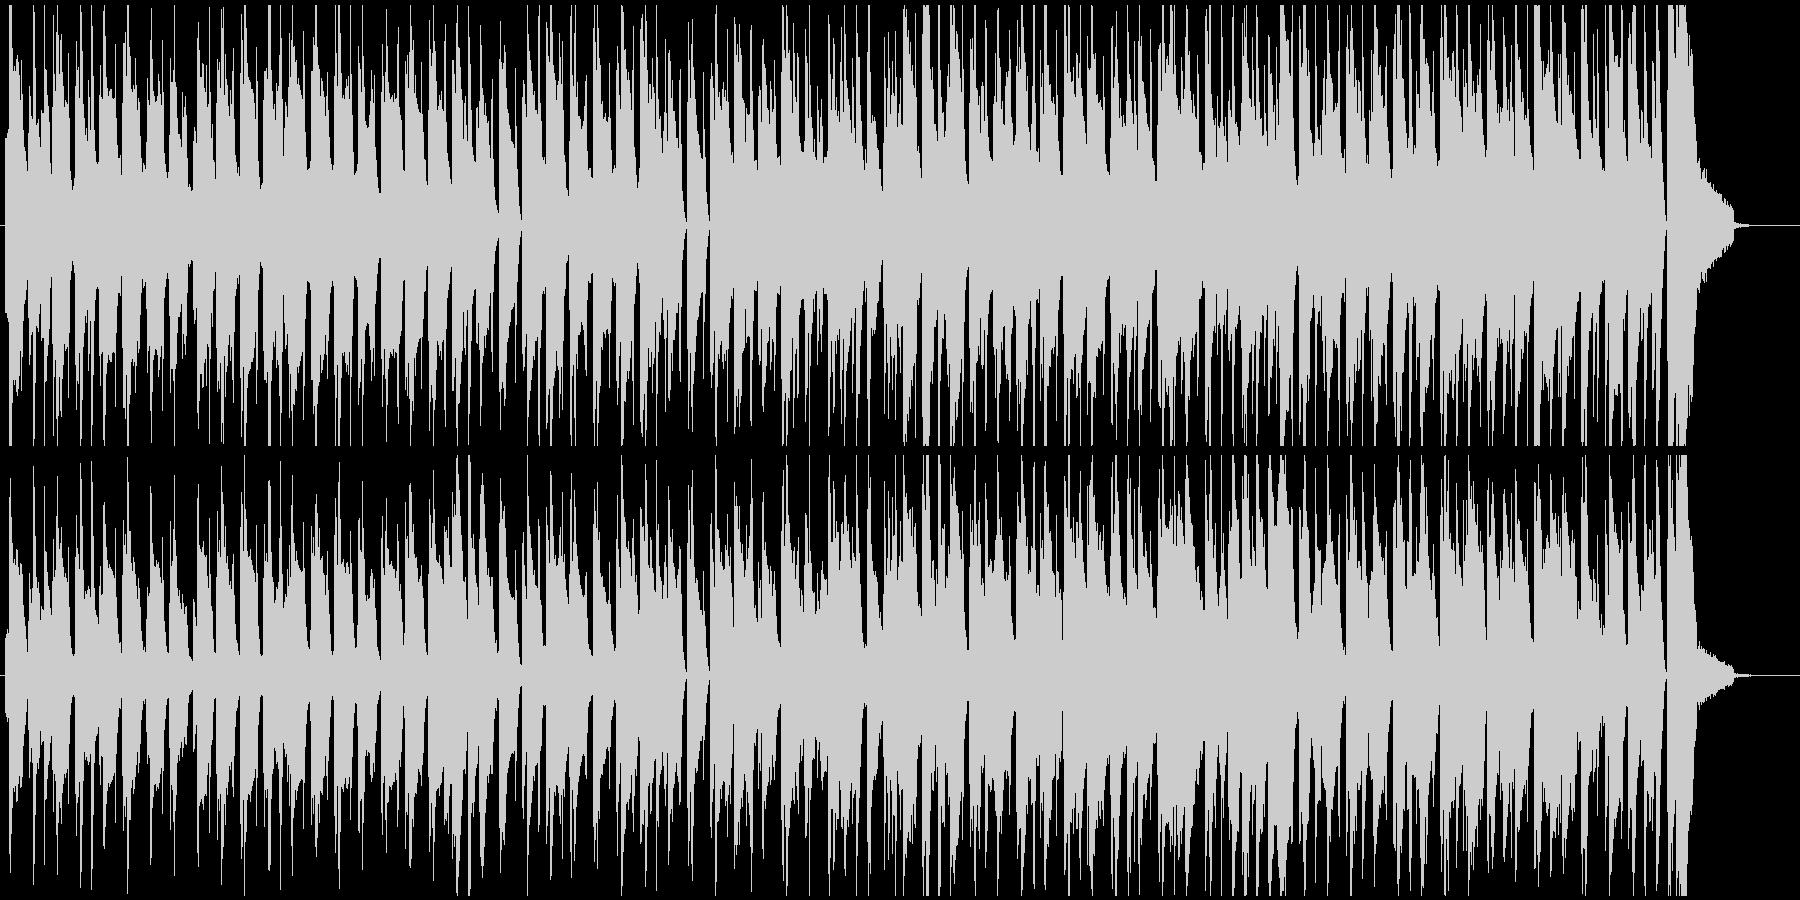 ハワイ風のほのぼのとした雰囲気のBGMの未再生の波形